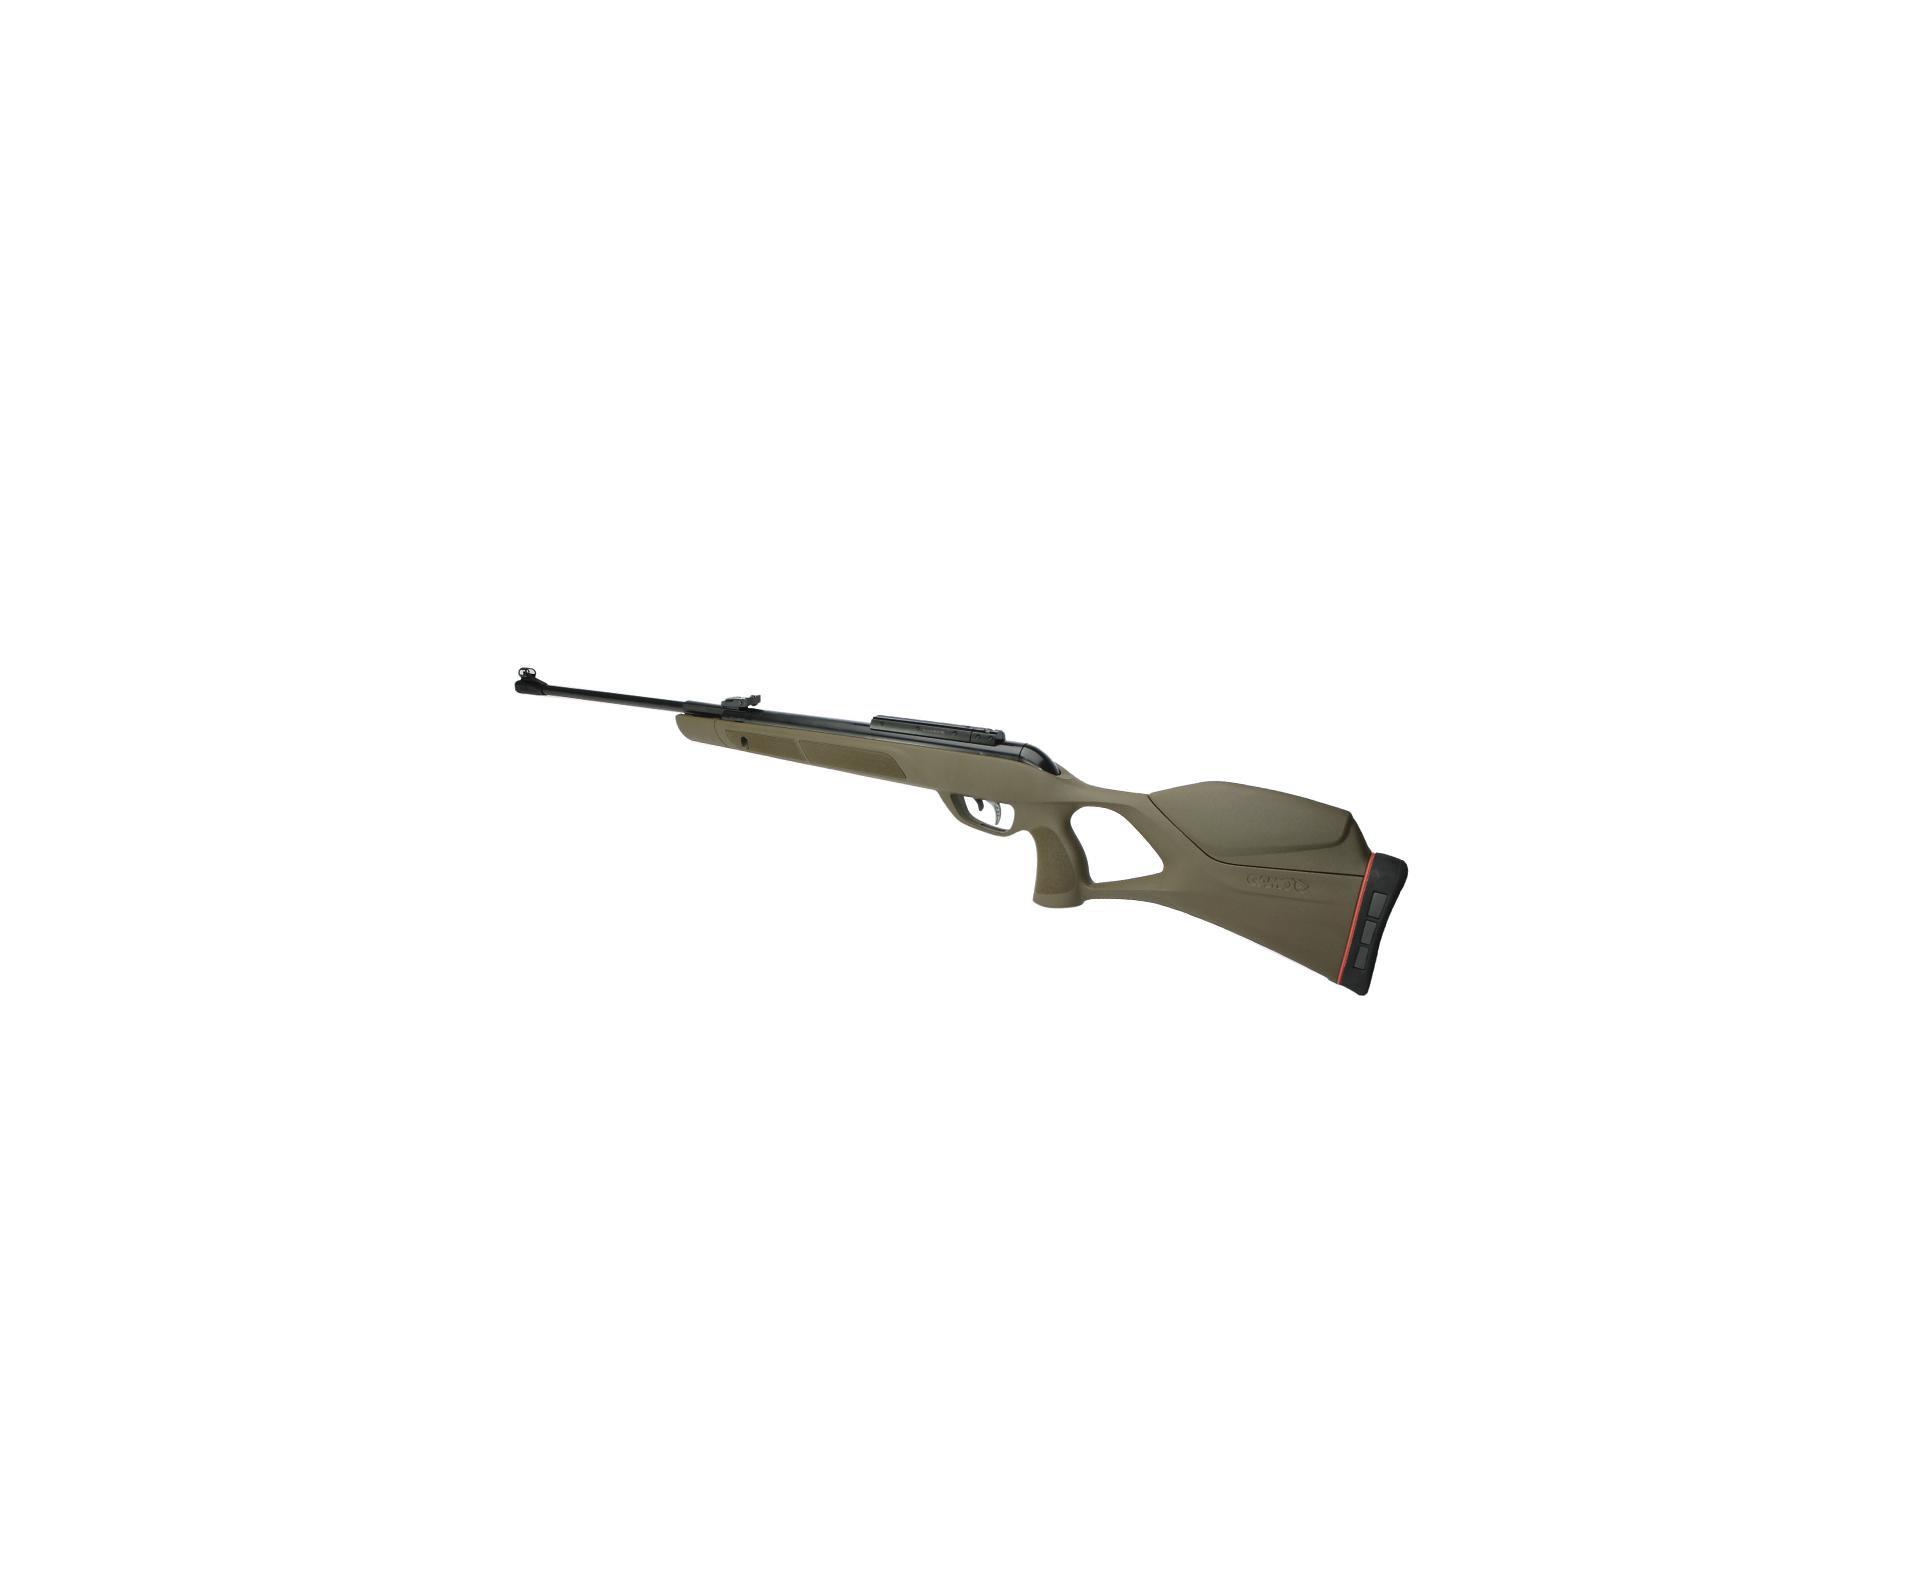 Carabina De Pressão G-magnum 1250 Igt Jungle Mach 1 Gas Ram Cal 5,5mm - Gamo